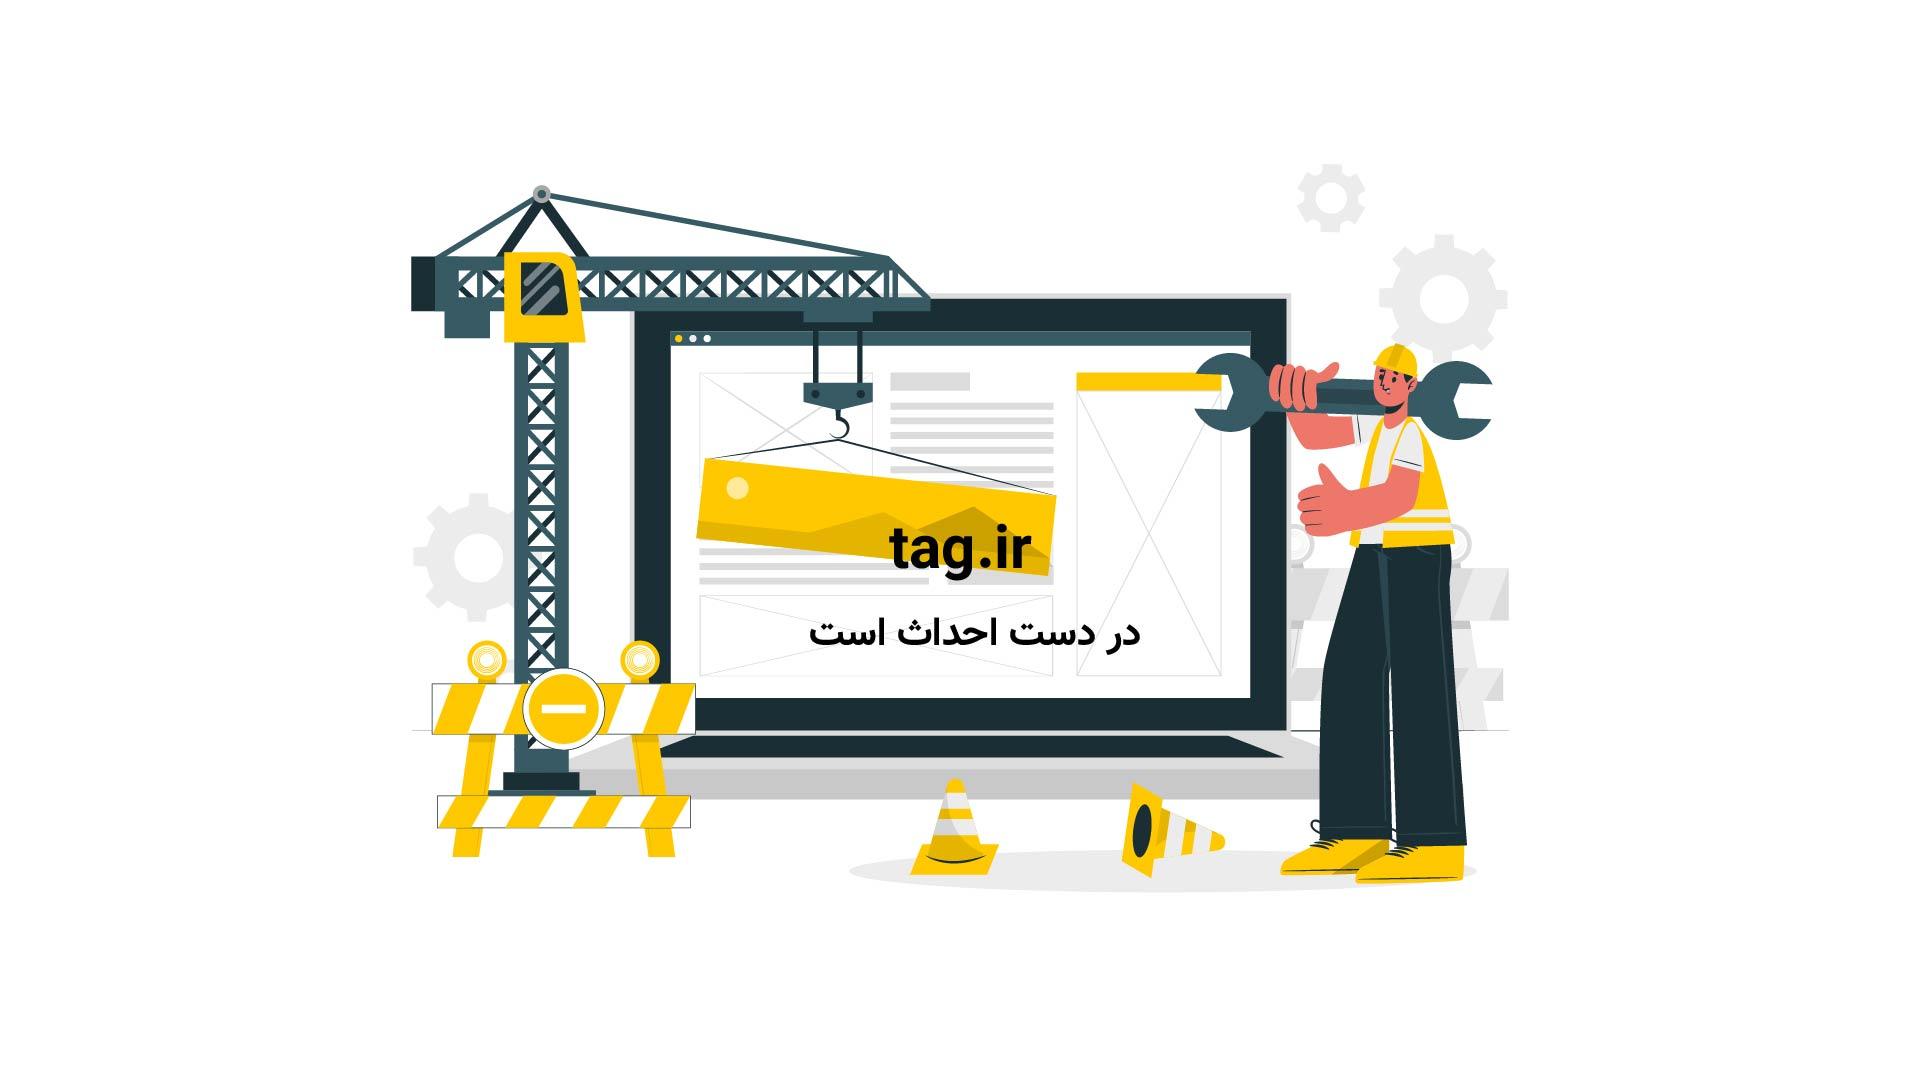 جنگل ملی تونگاس در آلاسکا | فیلم